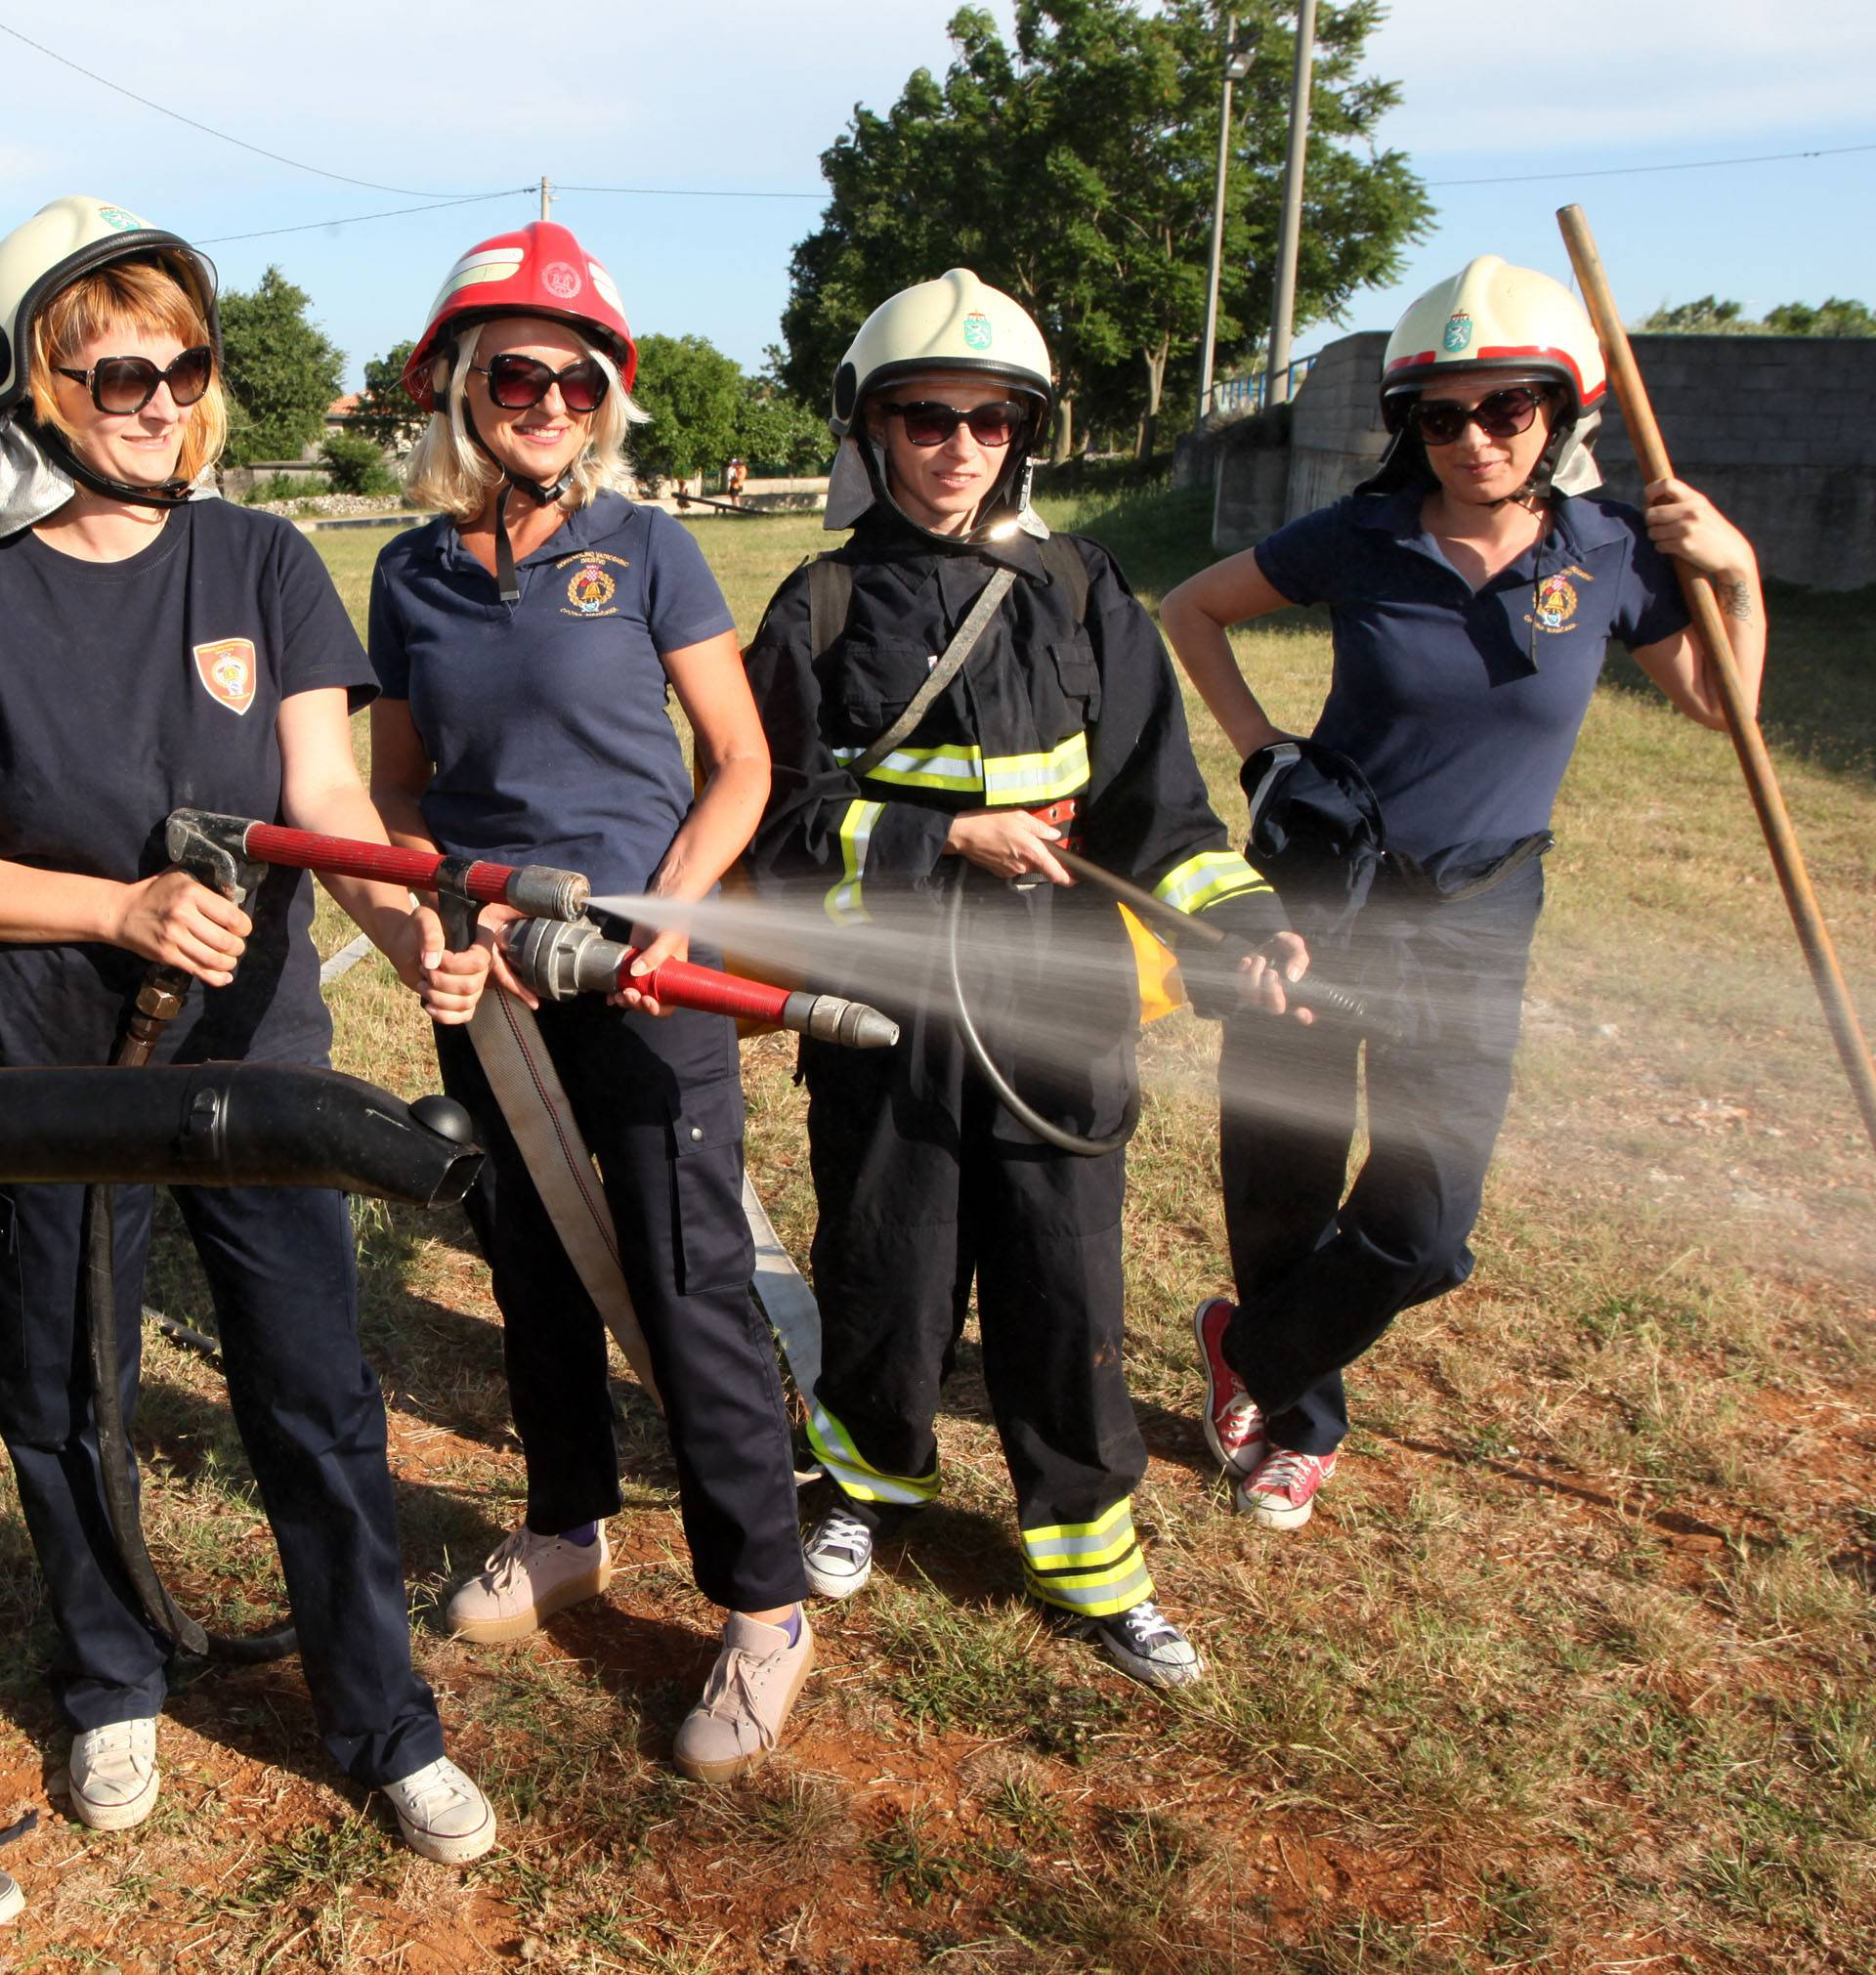 Neustrašive vatrene djevojke: 'Moraš se roditi za ovaj posao'